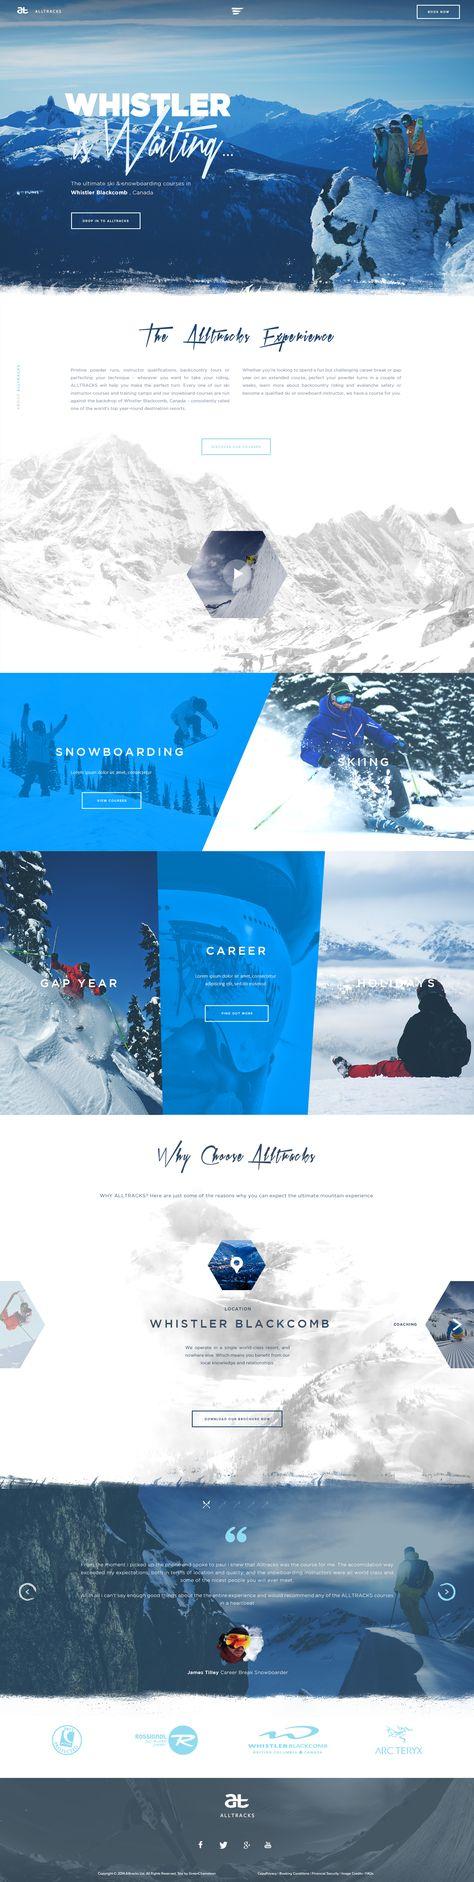 alltracks_home_1.5.jpg by StudioGitts®